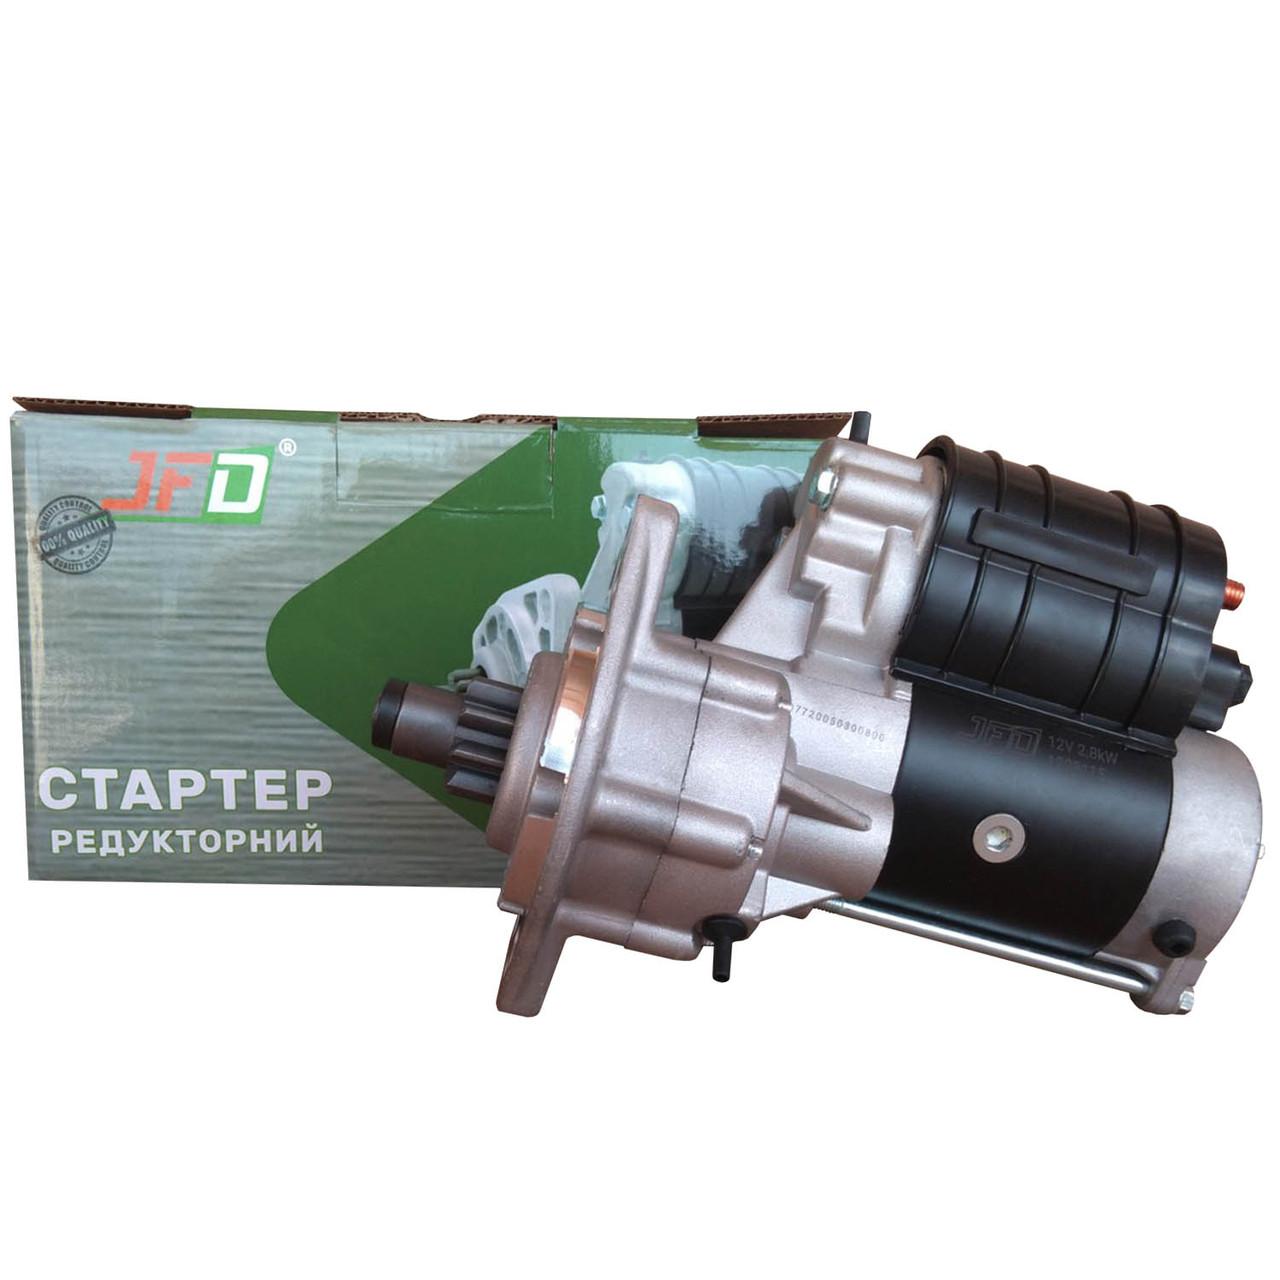 Стартер редукторний DEUTZ JFD 12В 2,8 кВт арт. 1228115 (аналог Jubana 123708115)